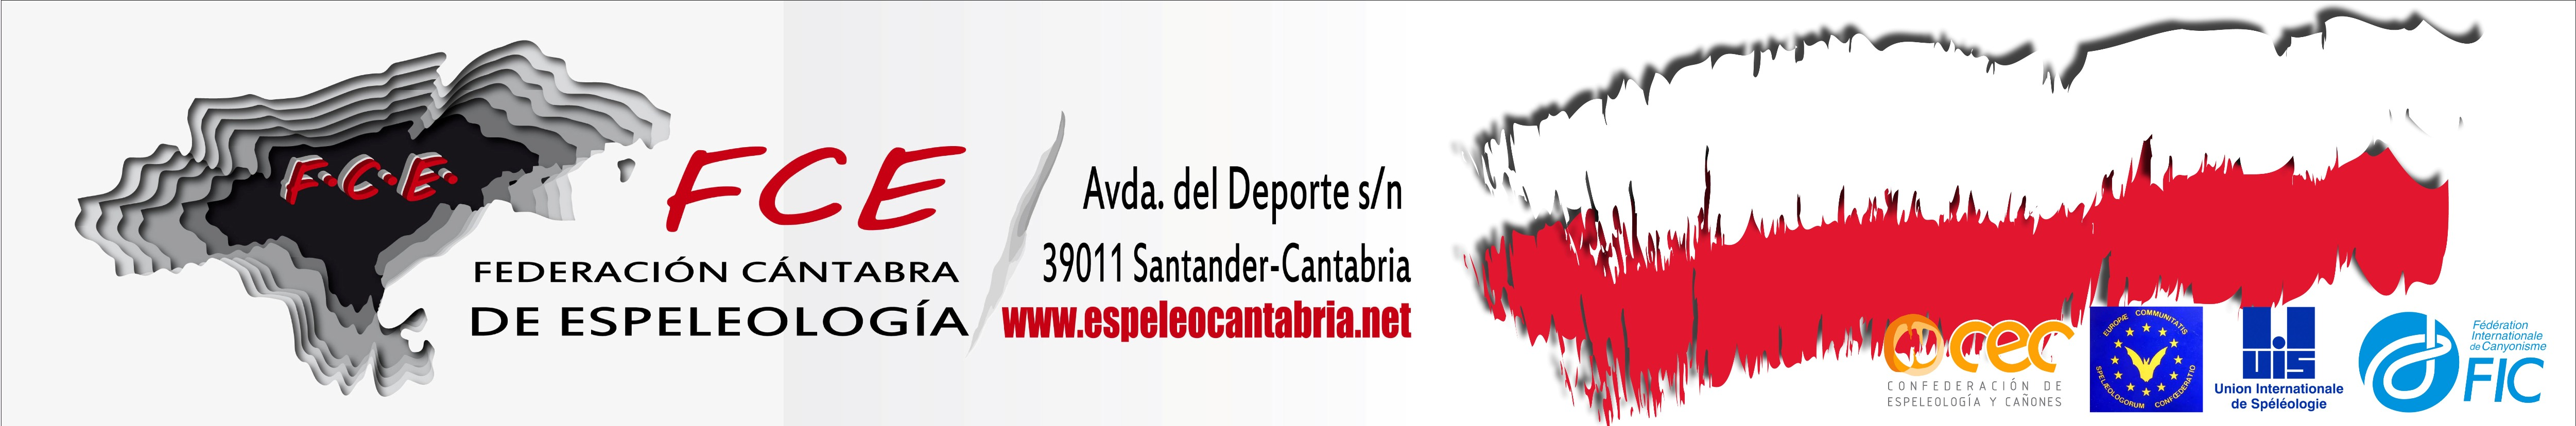 Federación Cántabra de Espeleología